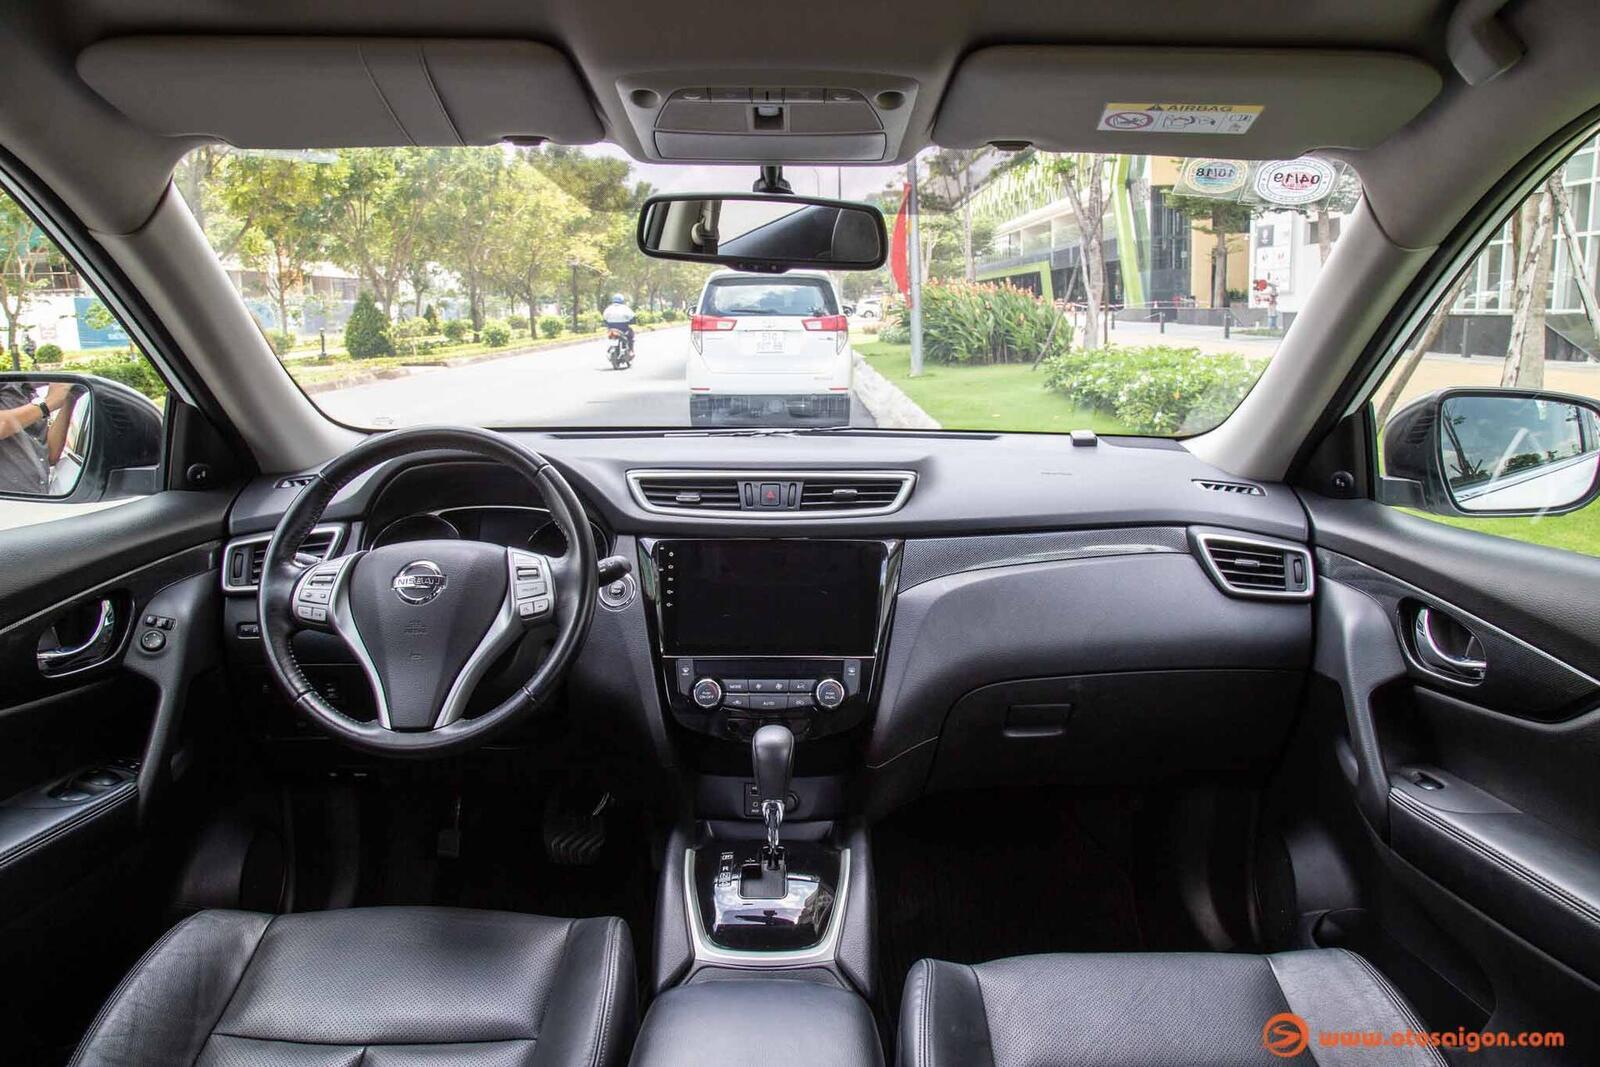 So sánh Hyundai Santa Fe 2019 với các đối thủ trong phân khúc SUV - Hình 11